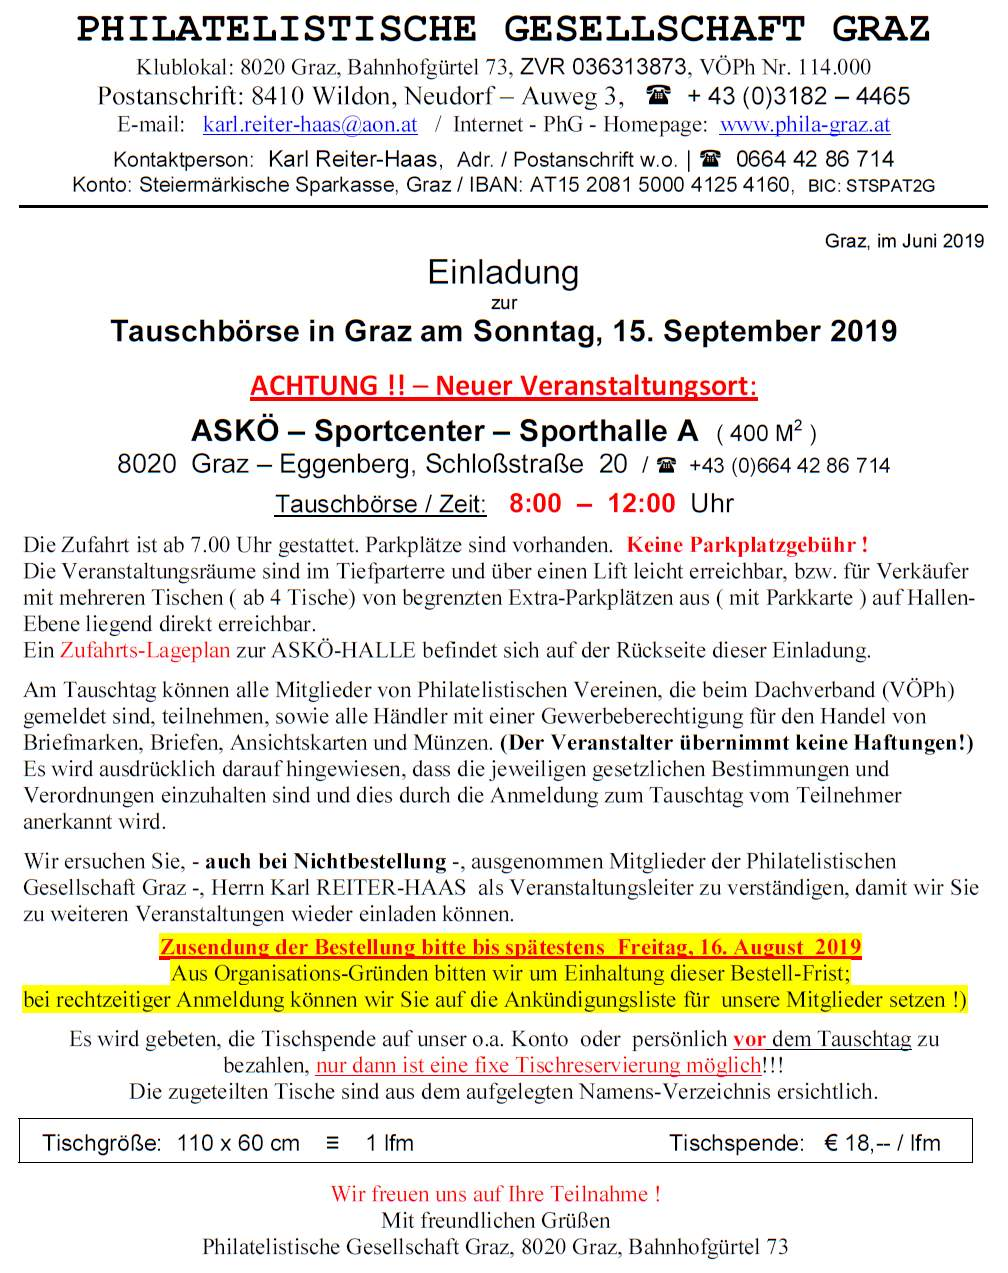 TT-Einladg_2019.09.15